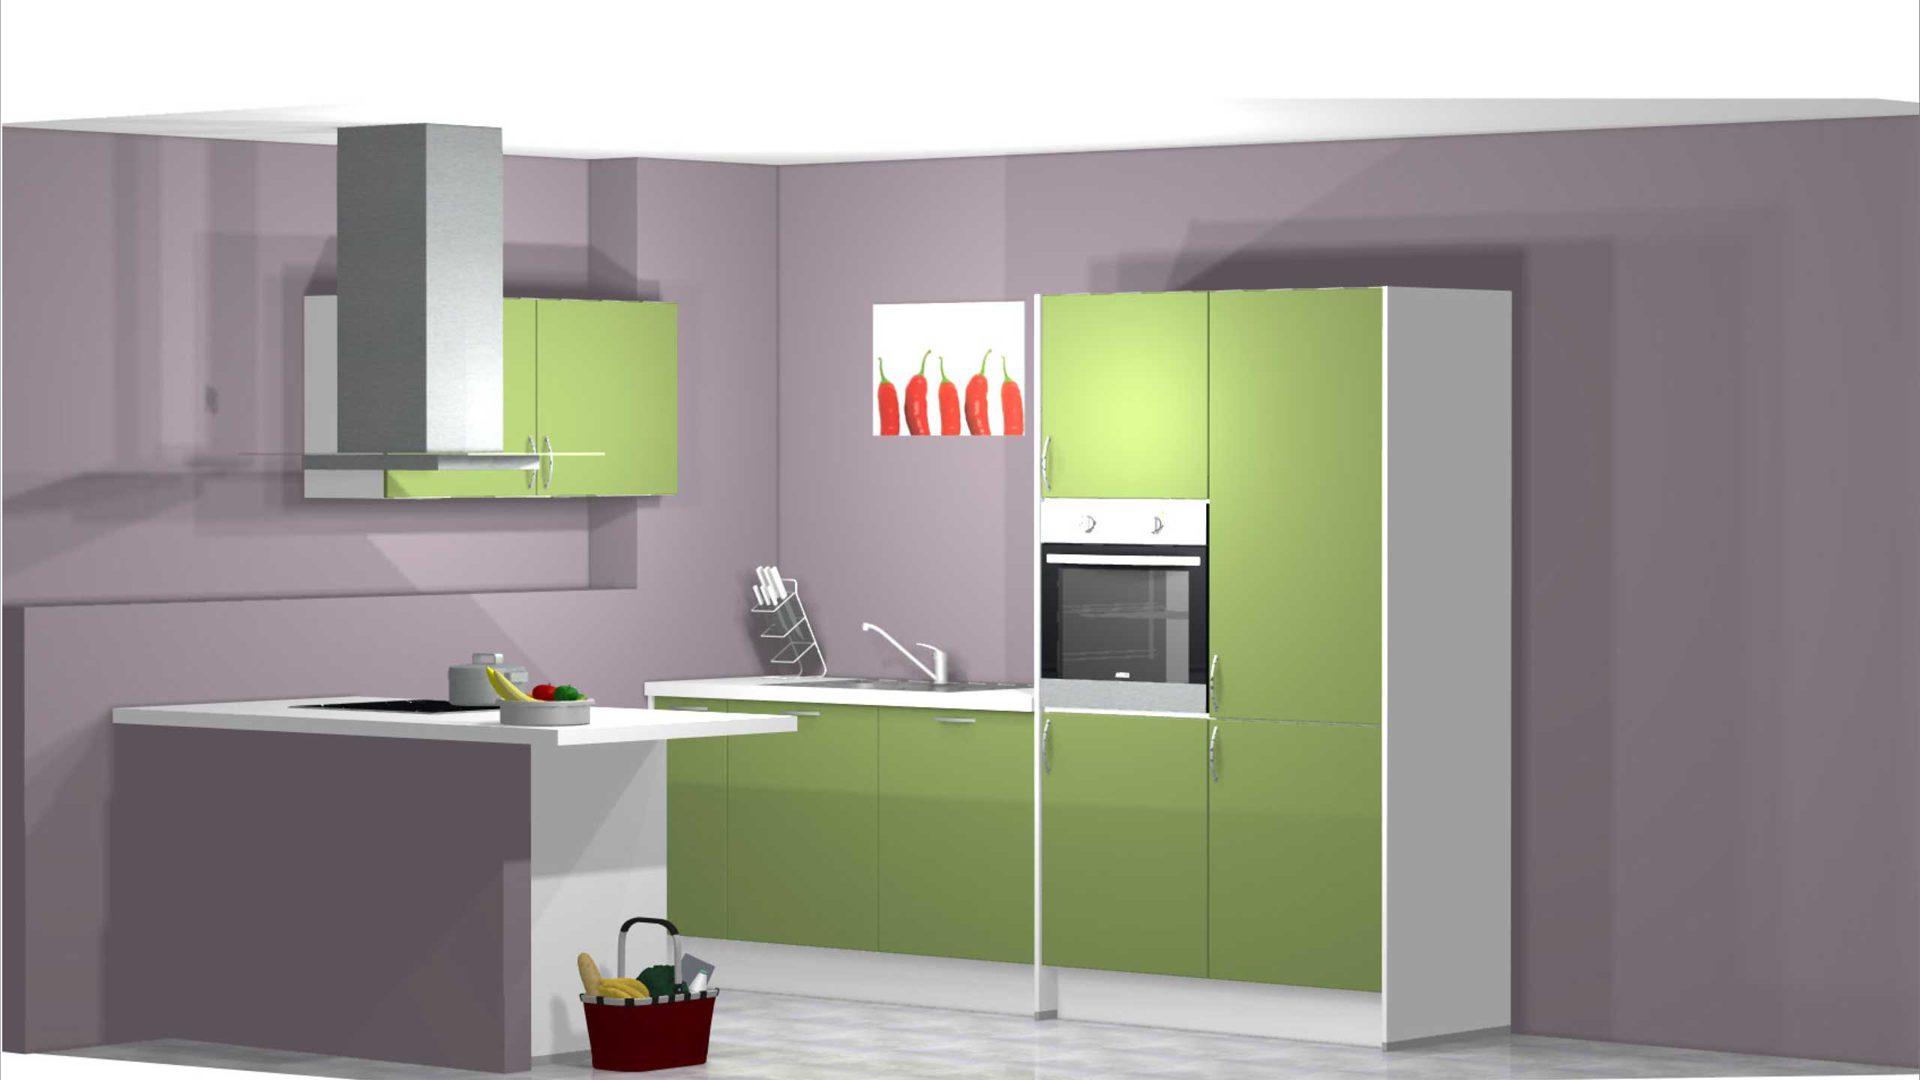 Moderne offene Küche zum kleinen Preis, Einbauküche Küche PN 80 inkl.  E-Geräte. Front, Korpus Avocado - Weiss